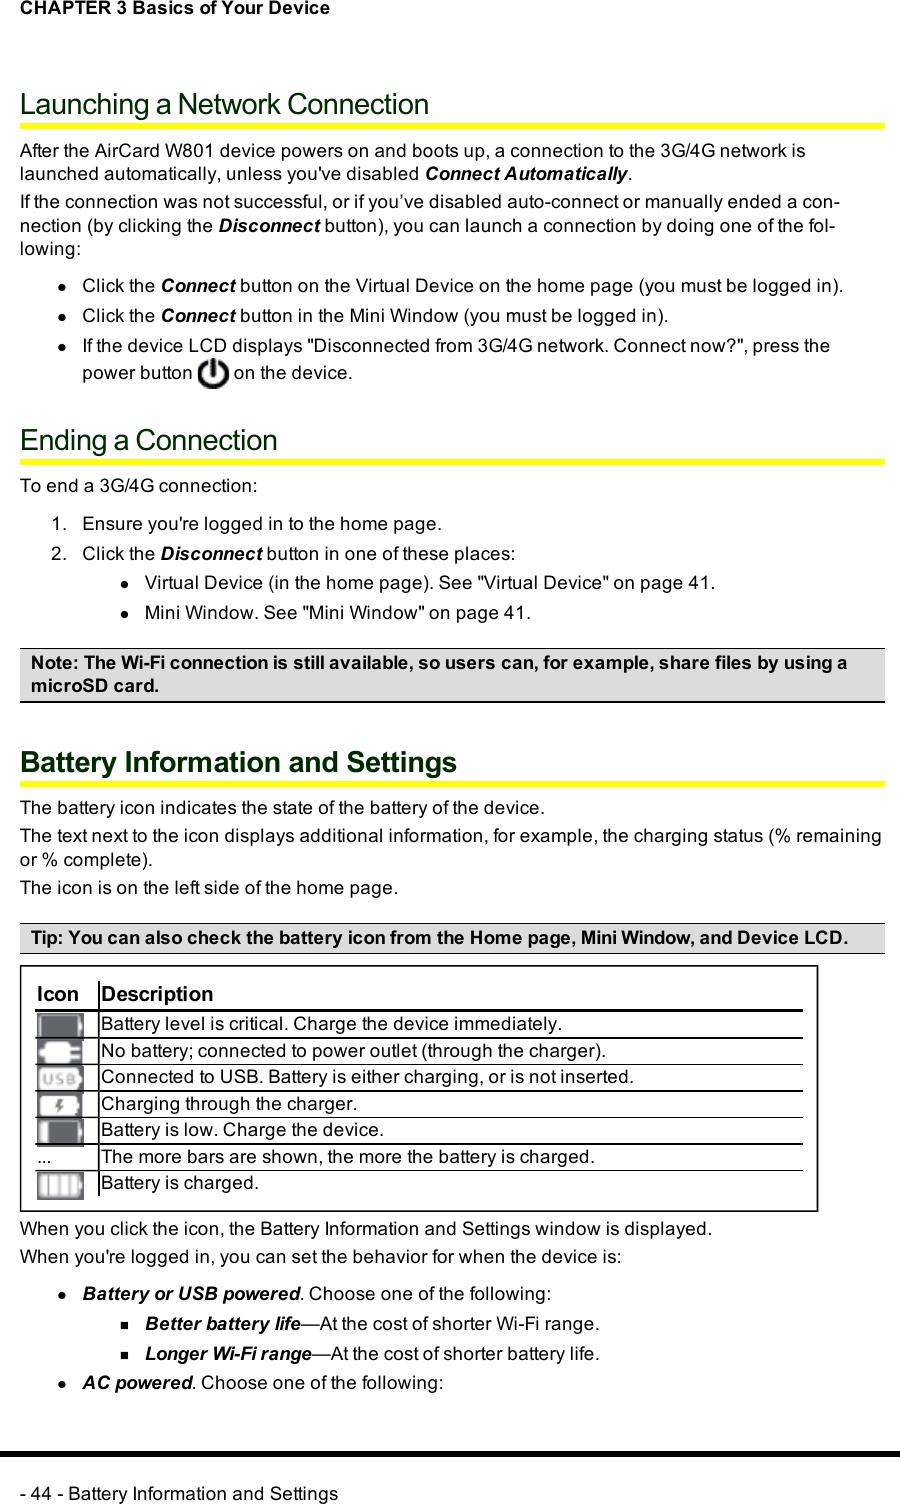 Sierra Wireless MHS801 WiMAX + WiFi Router User Manual User Guide